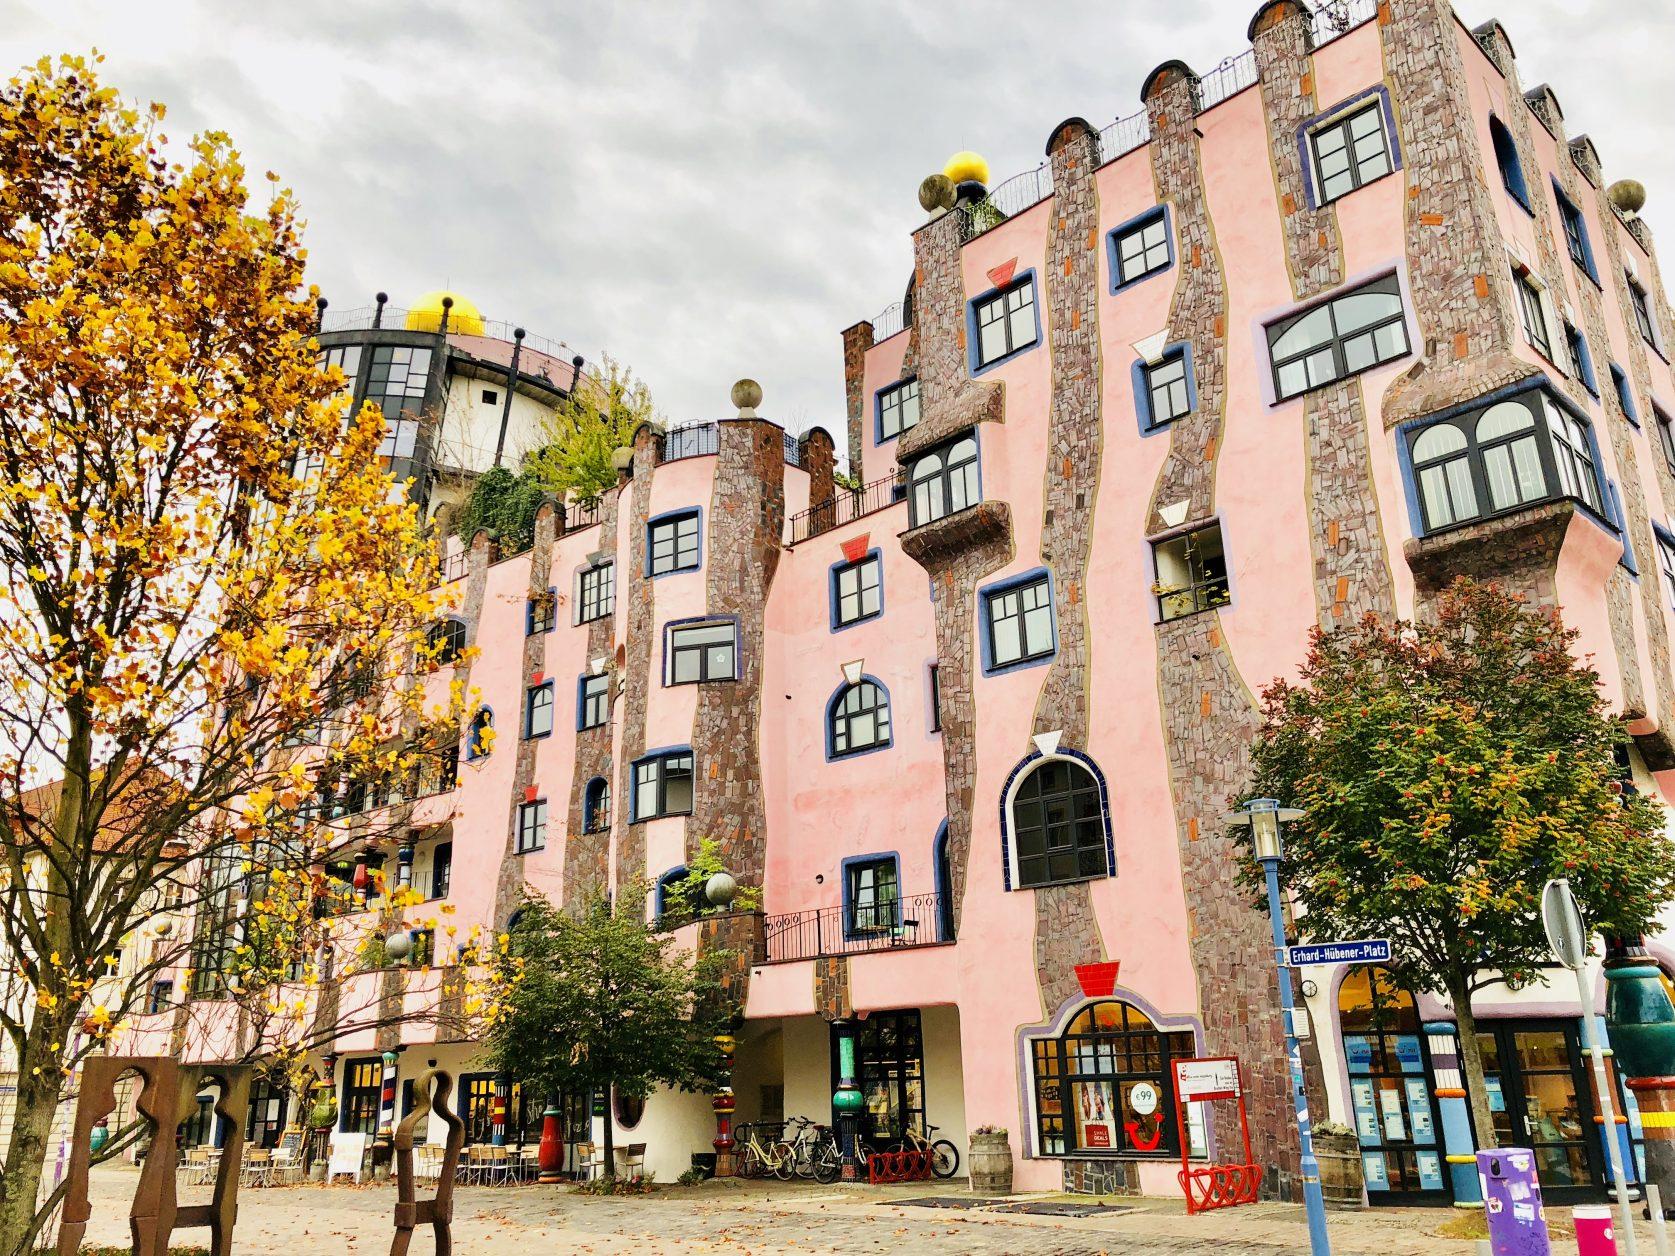 Hundertwasser hat bis kurz vor seinem Tod im Jahr 2000 an den Plänen des Magdeburger Hunderwasserhauses gearbeitet, Foto: Weirauch